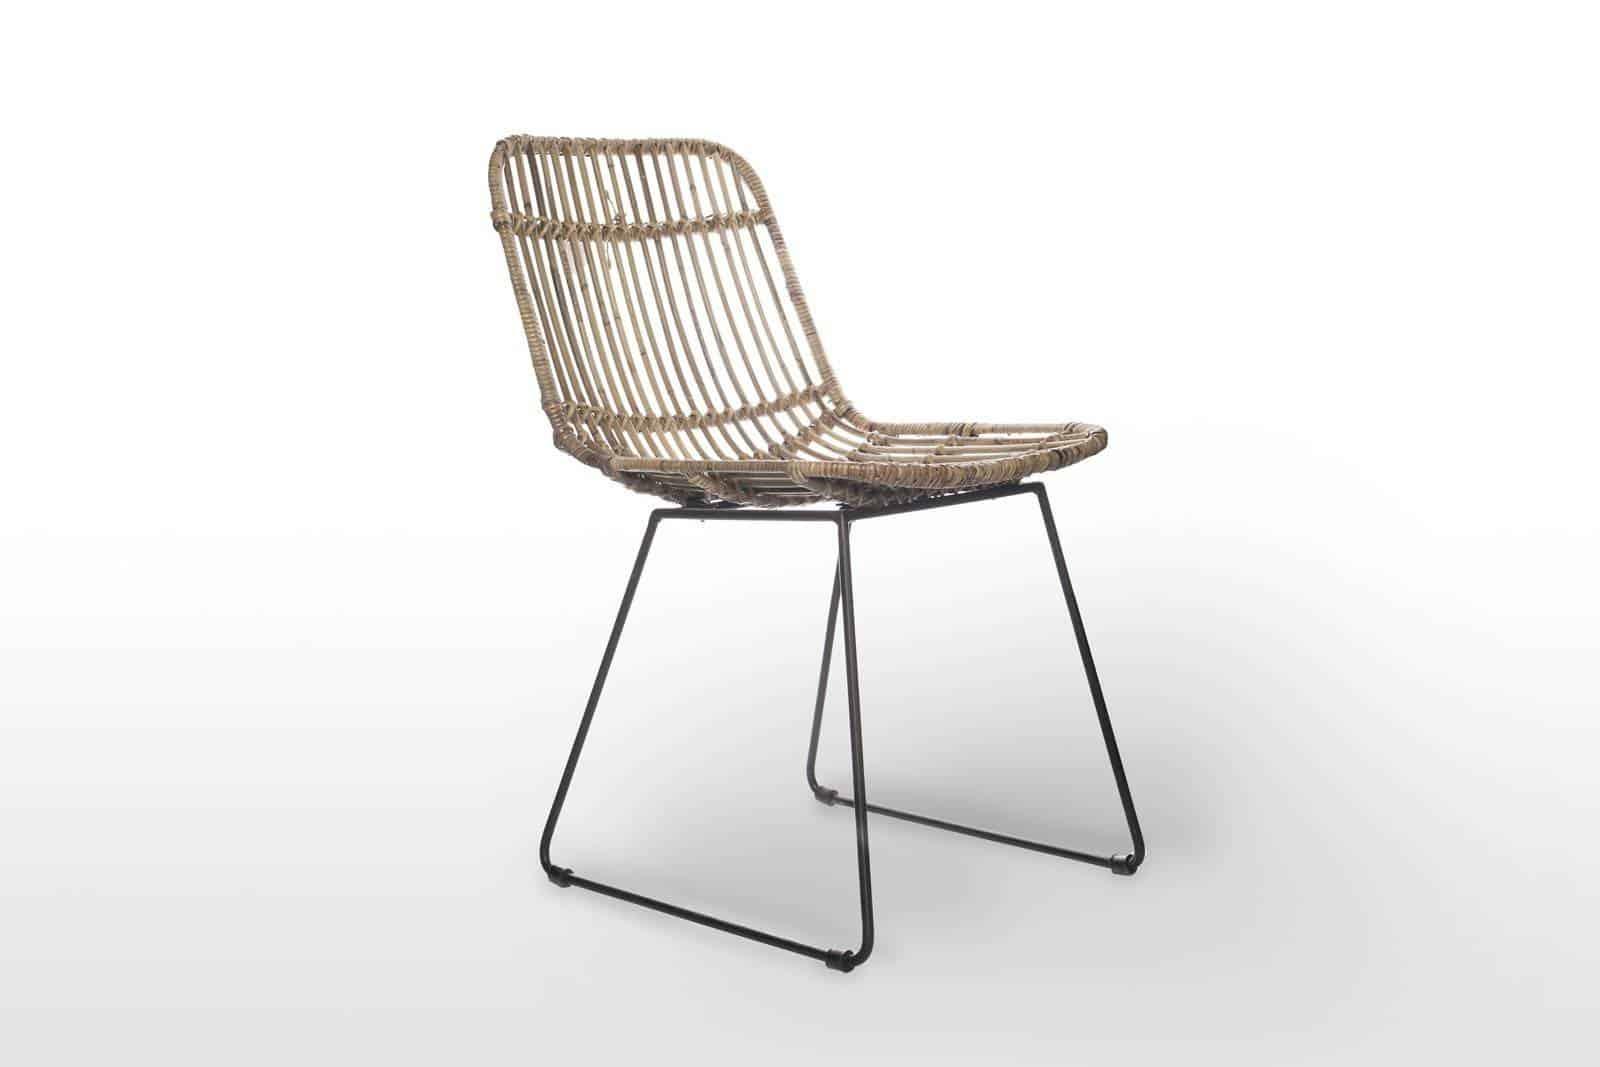 Zestaw rattanowy ogrodowy krzesło Dinan